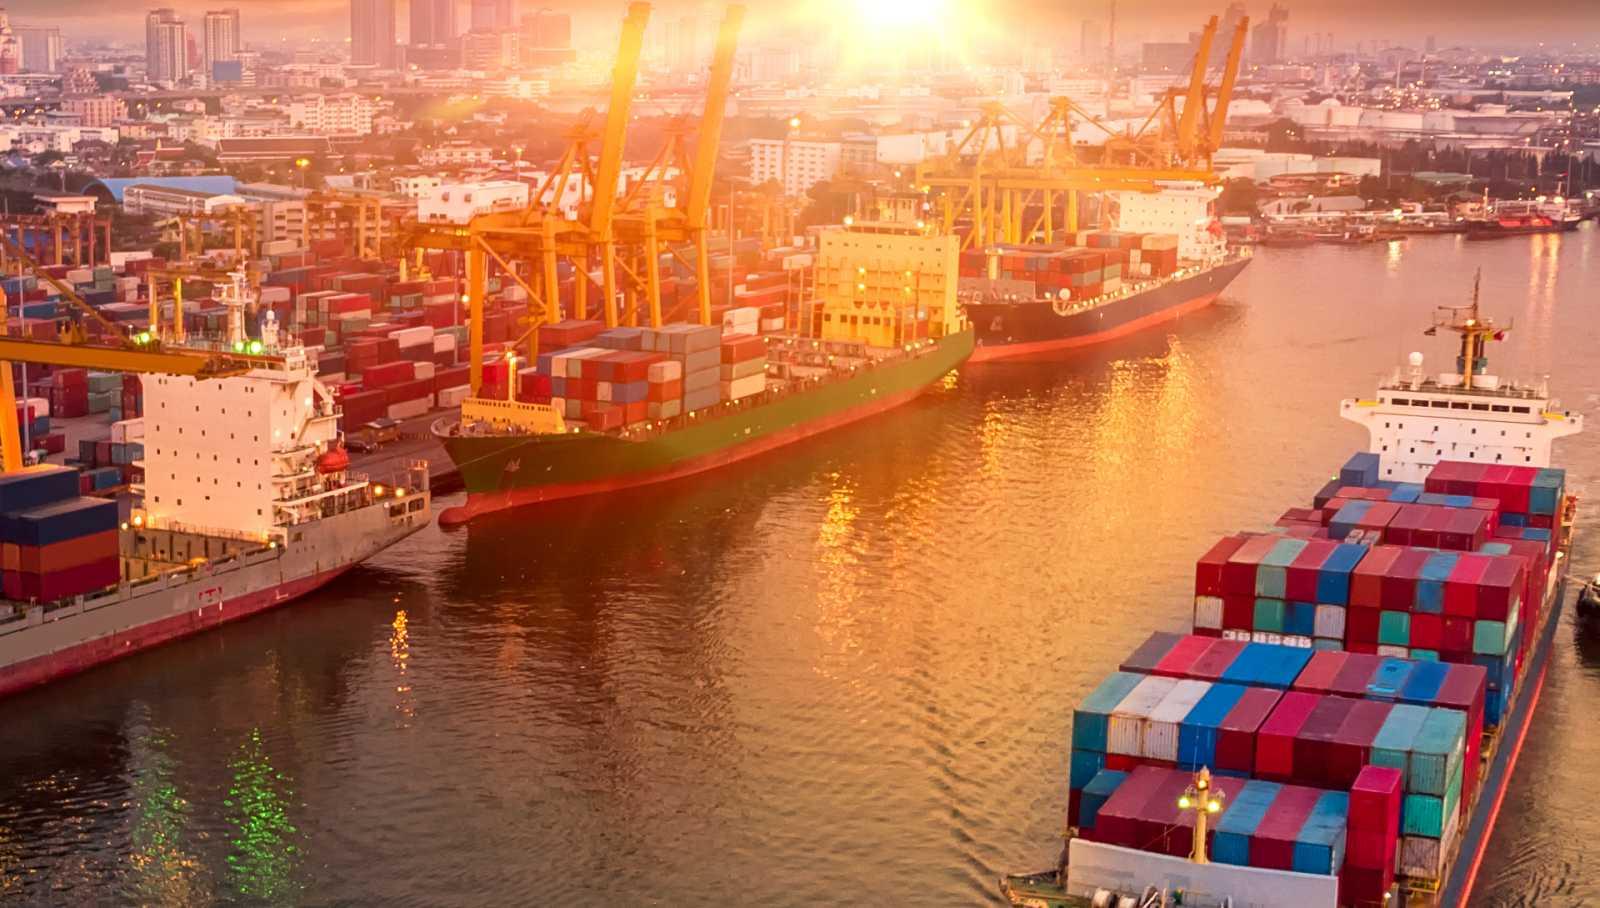 Por tres razones - El efecto dominó del incidente en el Canal de Suez - 07/04/21 - escuchar ahora